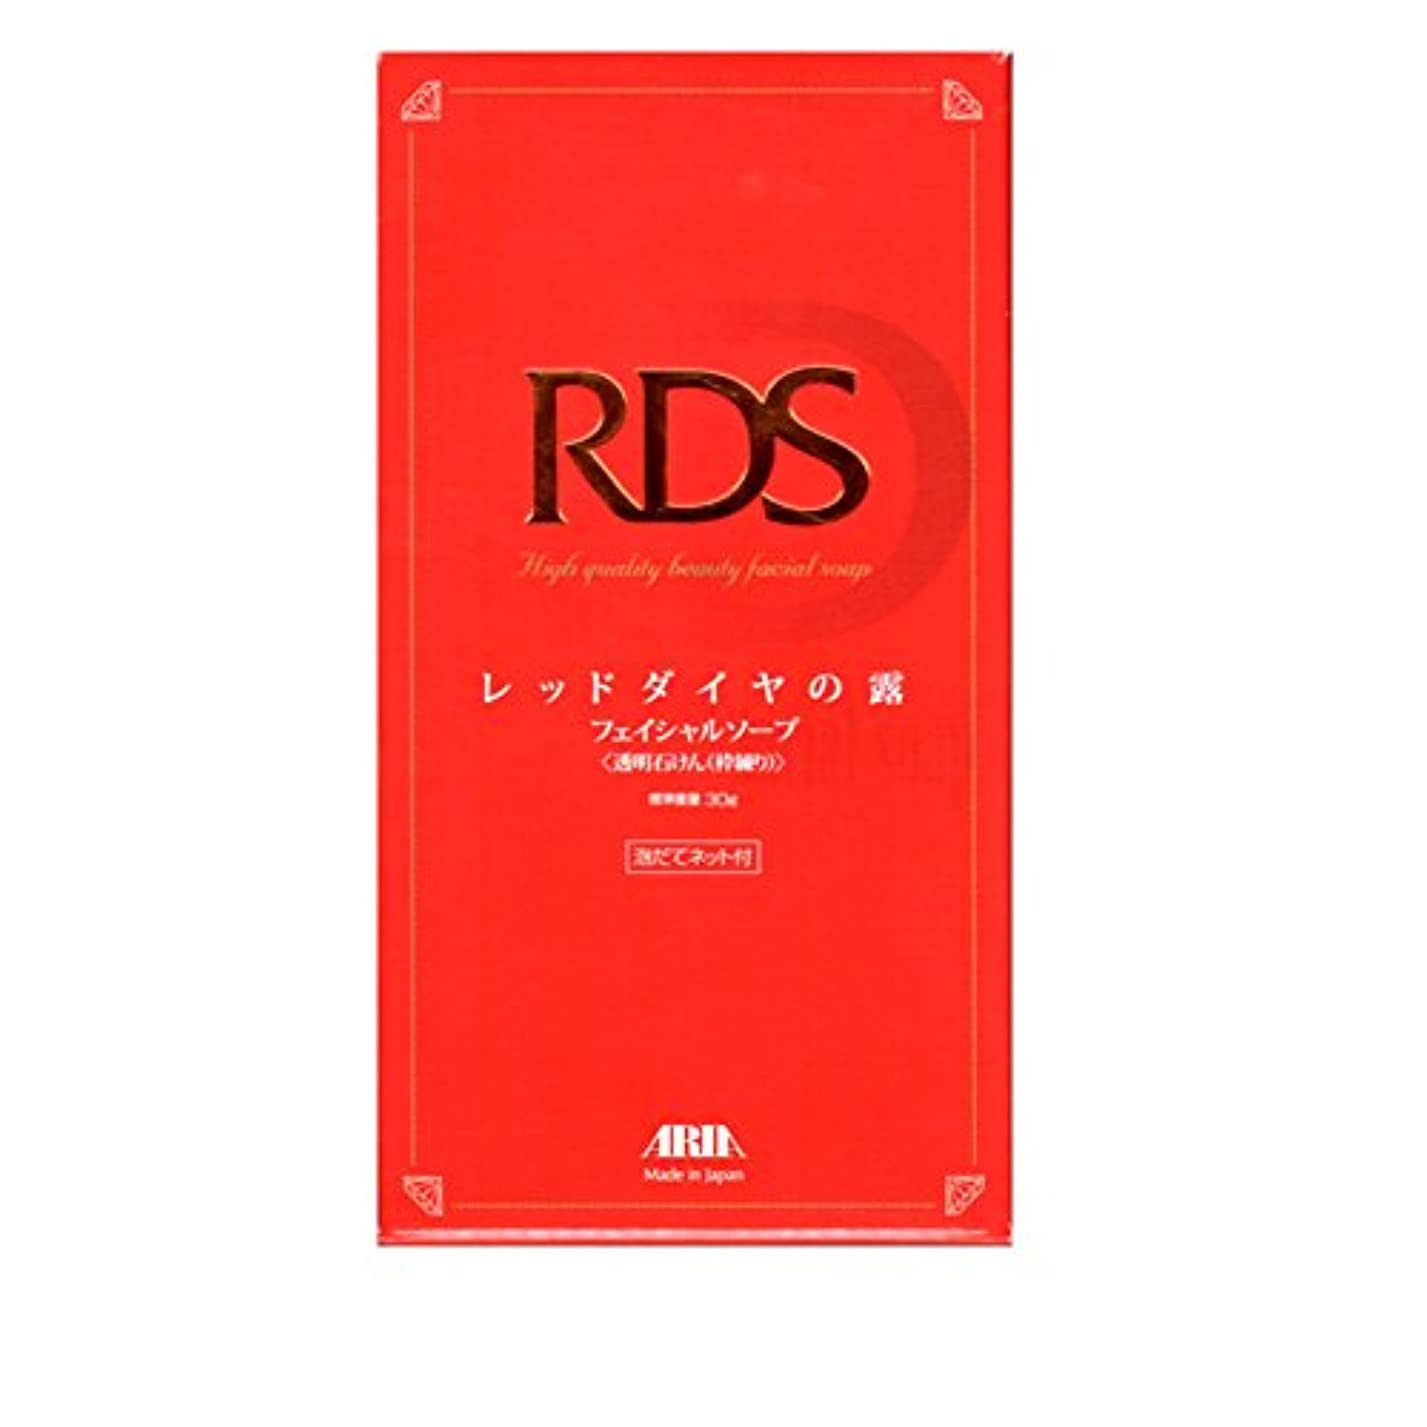 図吸収道を作るレッドダイヤの露 フェイシャルソープ 洗顔 石鹸 日本製